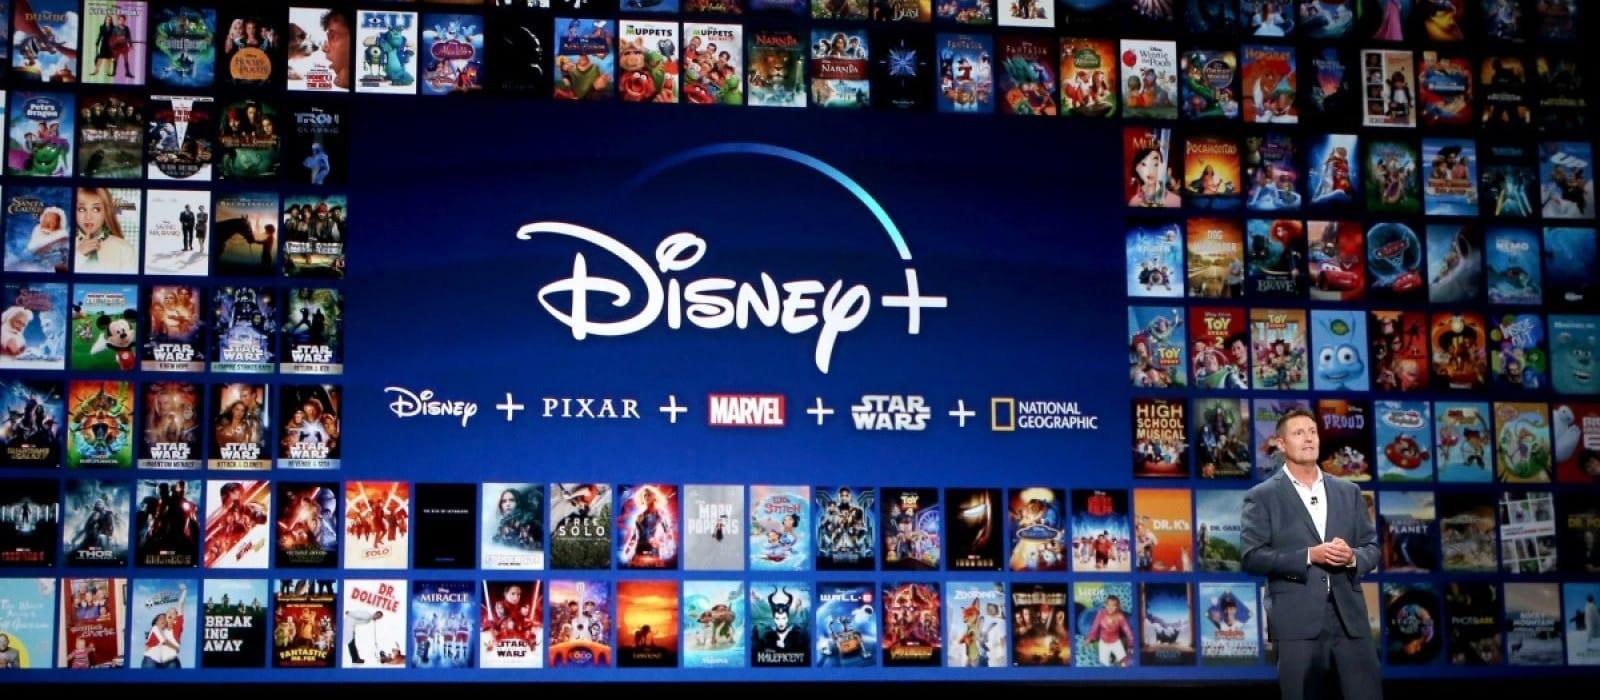 Disney+ tijdelijk <br> 7 dagen gratis